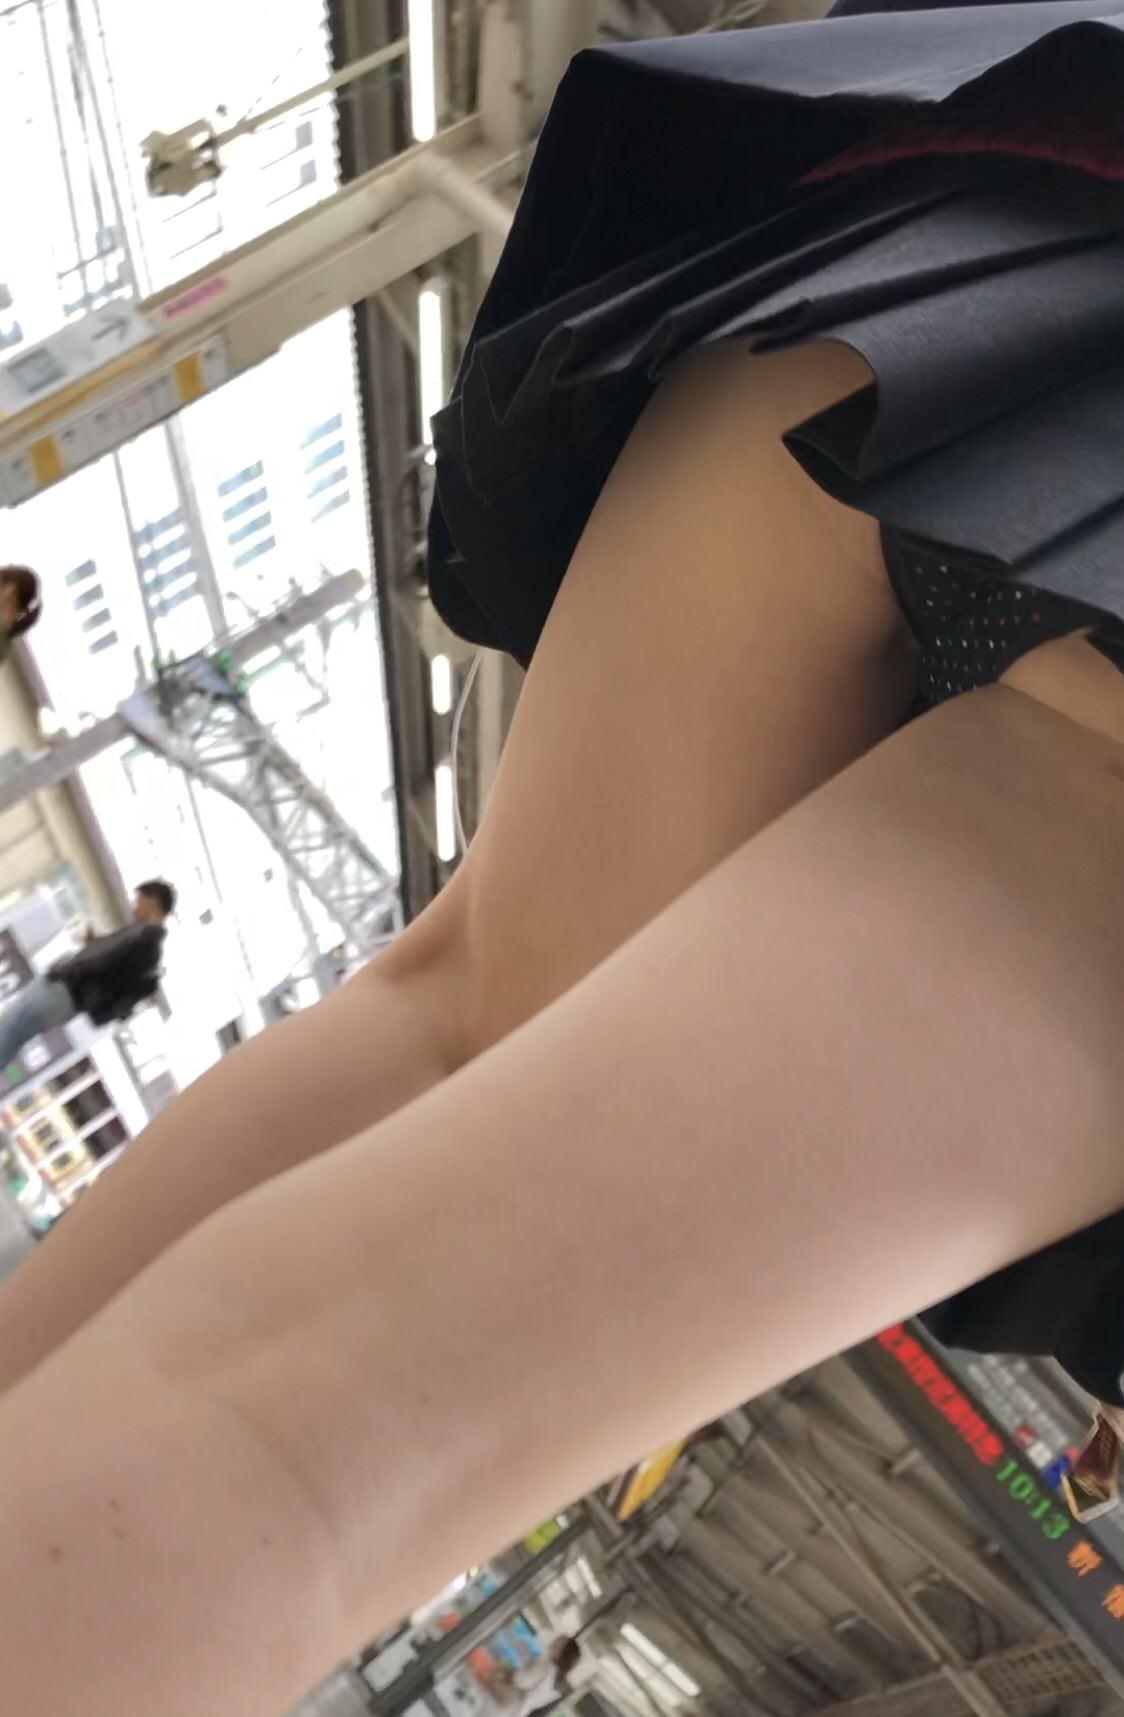 女子高生の太ももラブ♡♡♡♡♡♡♡♡♡♡♡♡♡♡♡♡♡♡♡♡ EgO4Jm1